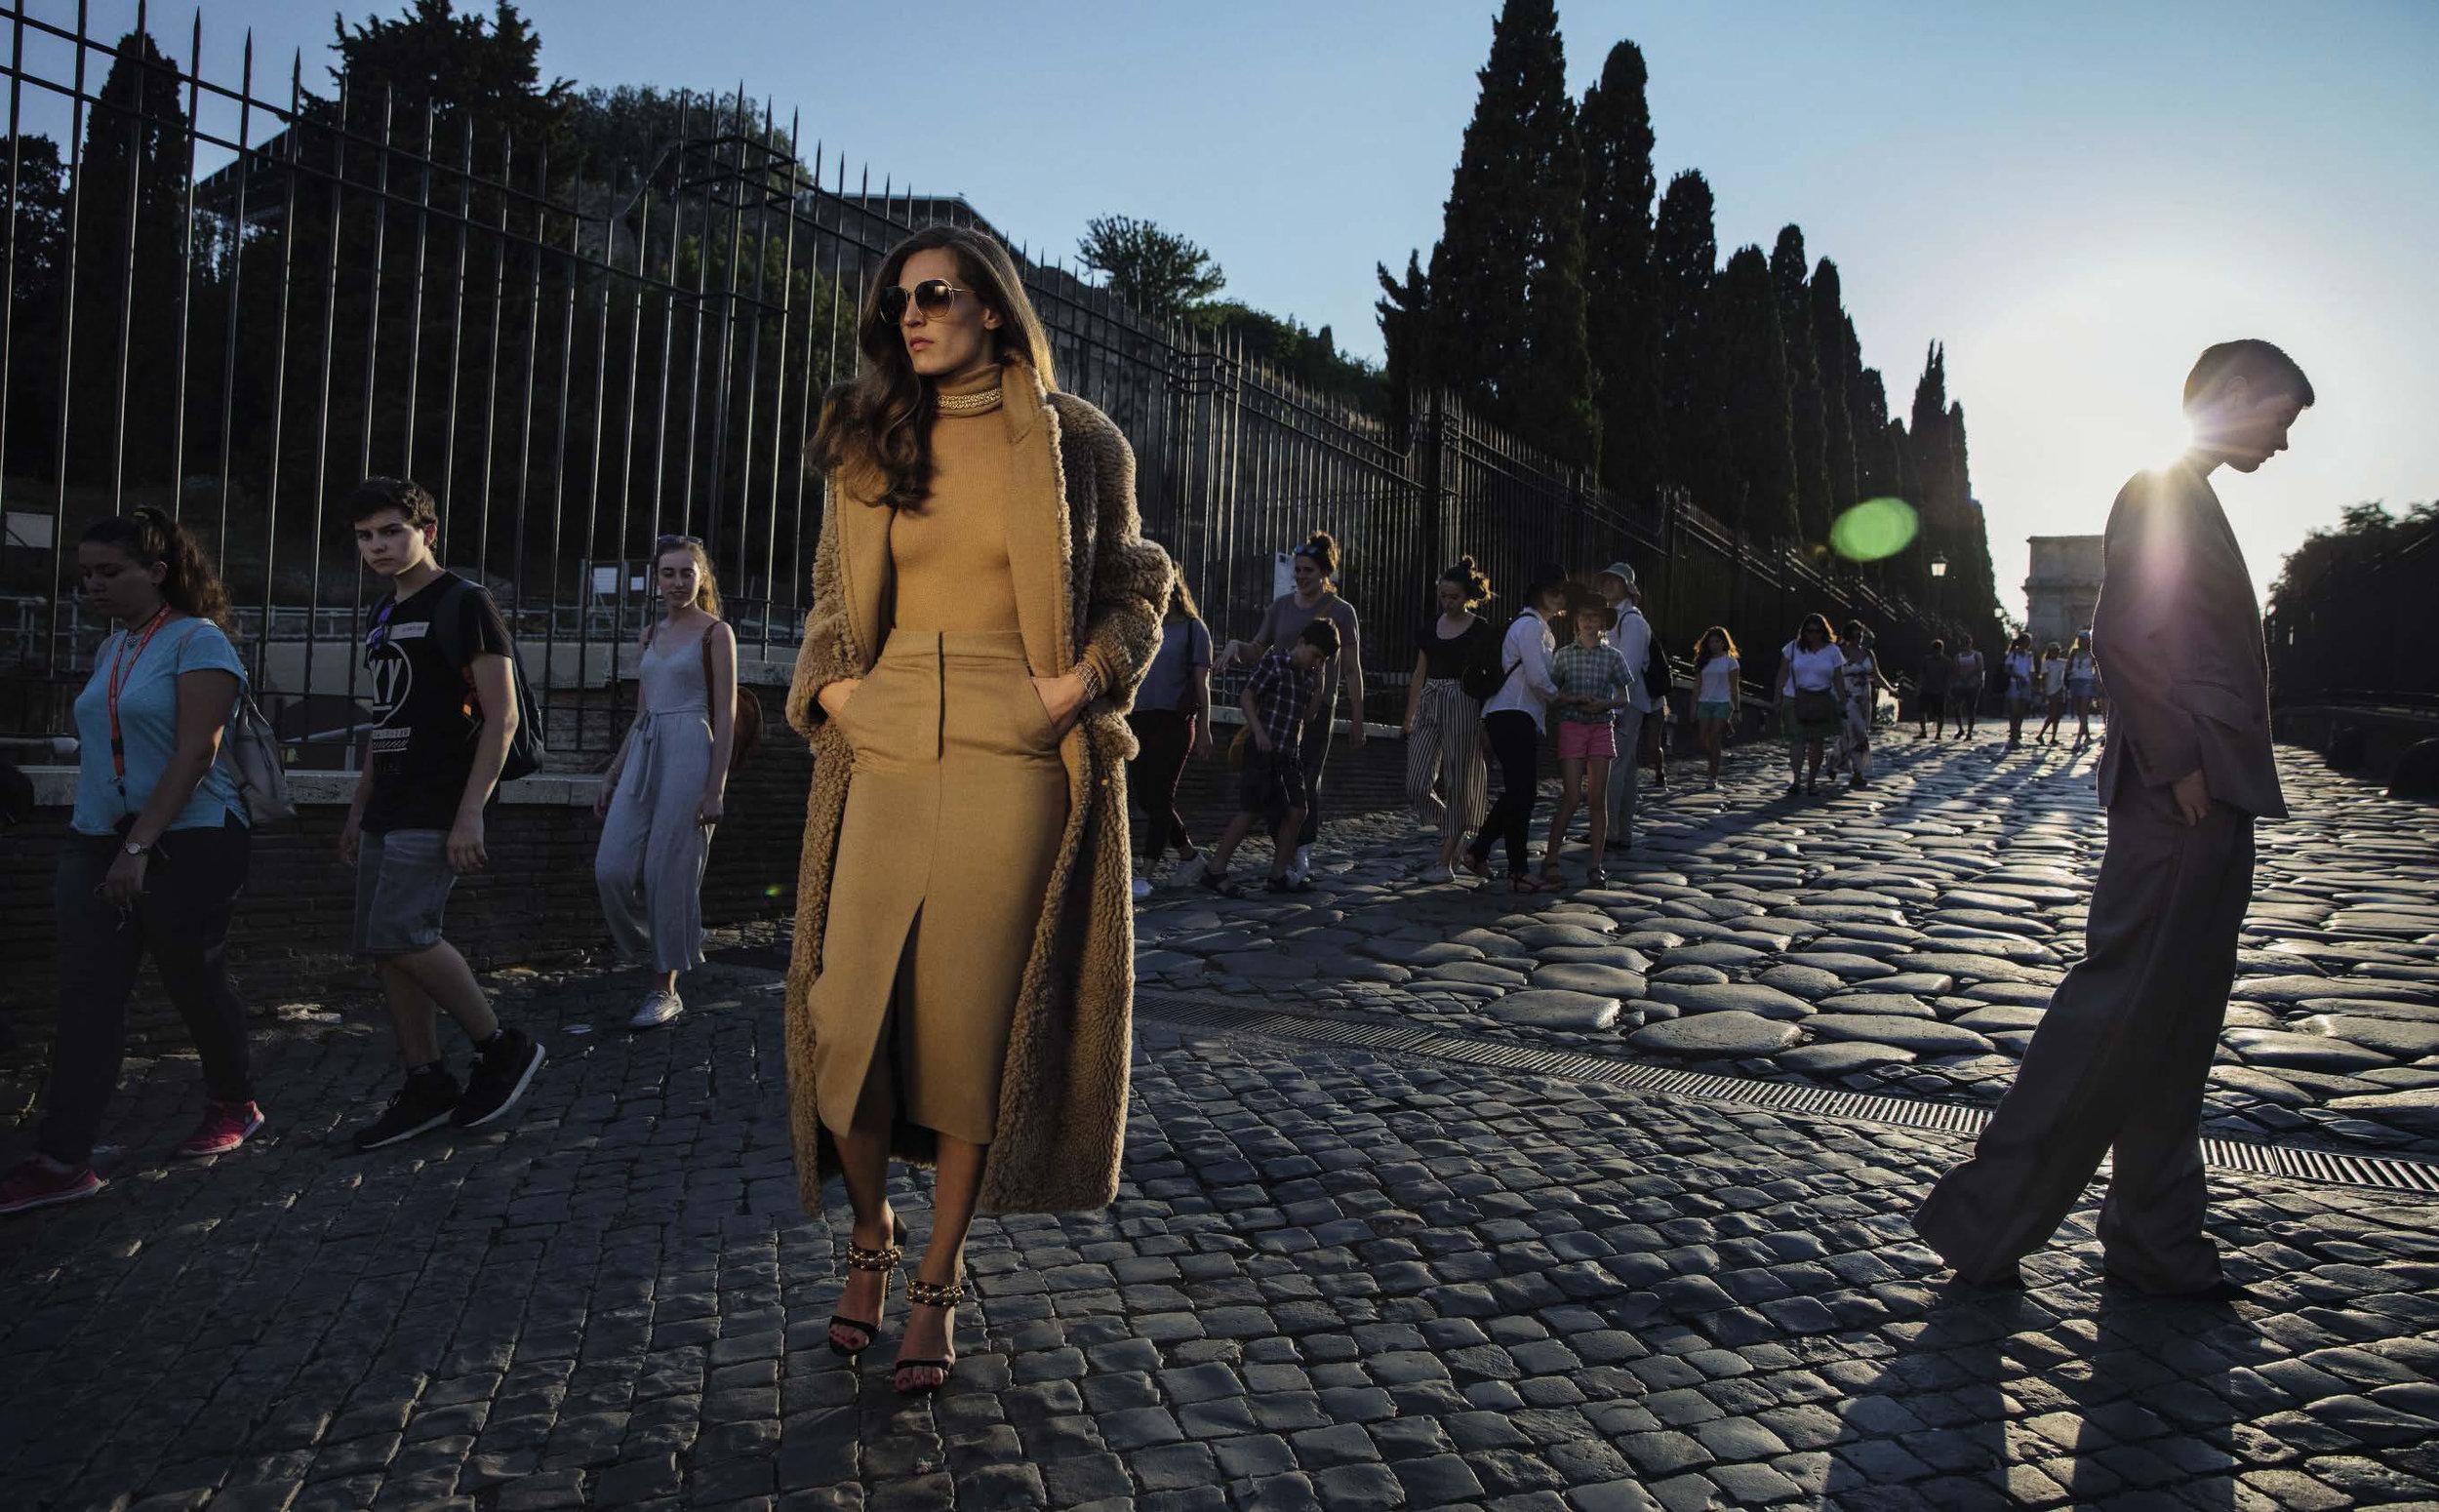 vogue-italia-september-2017-saskia-de-brauw-othilia-simon-by-inez-vinoodh-06.jpg